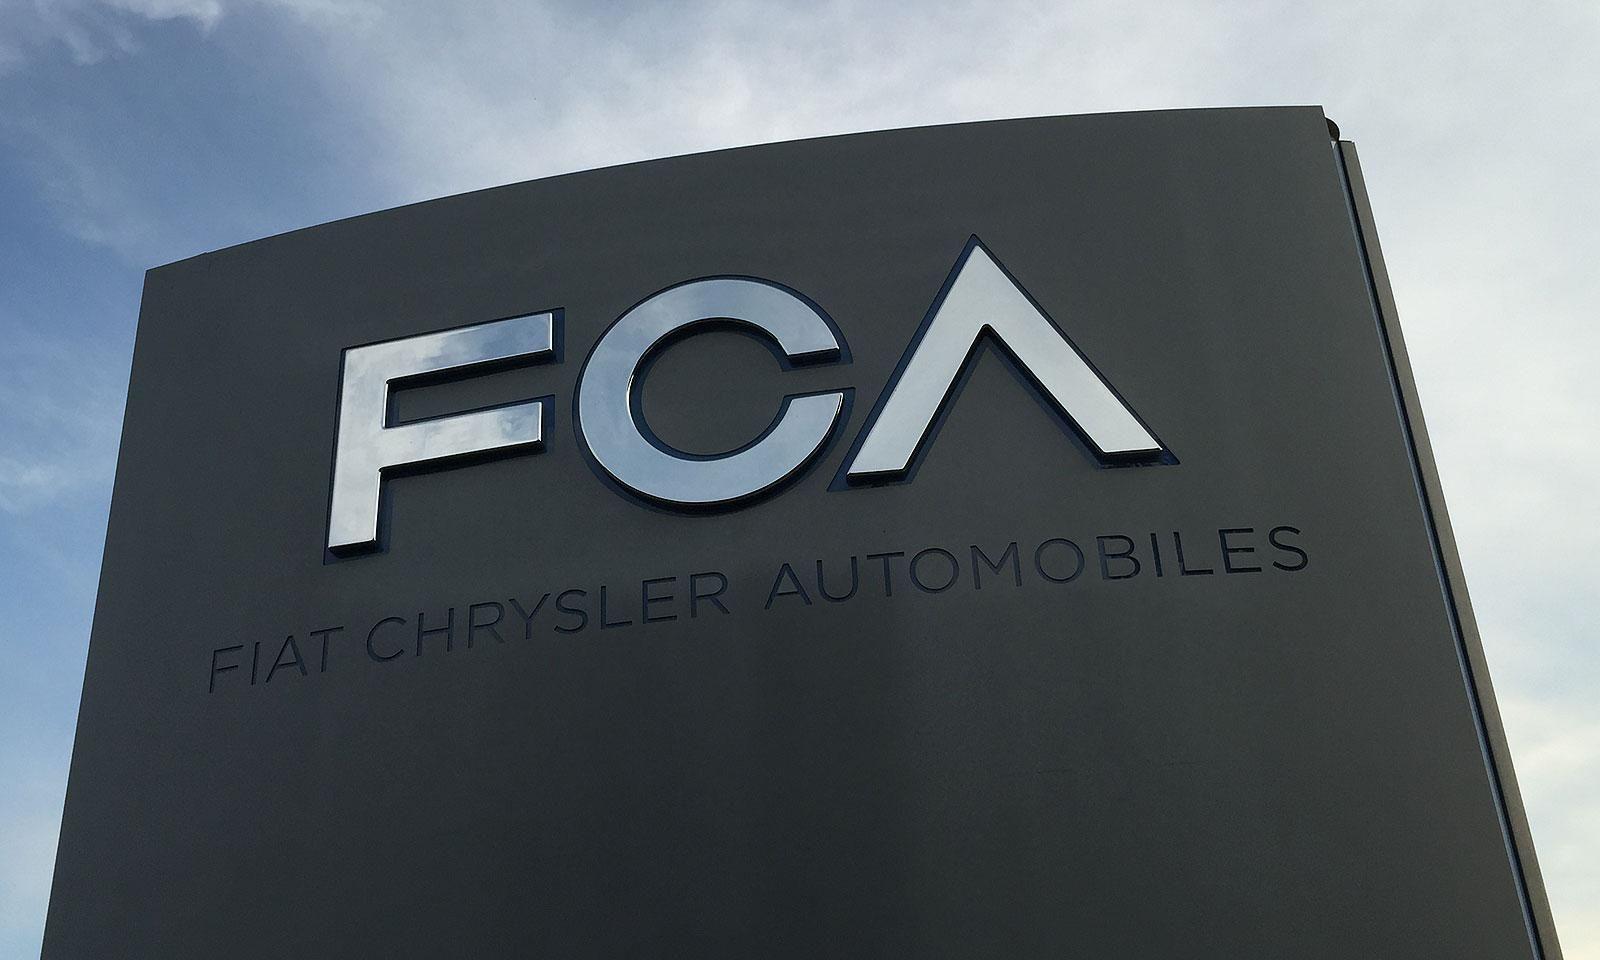 FCA pagherà Tesla per evitare una multa dall'Ue